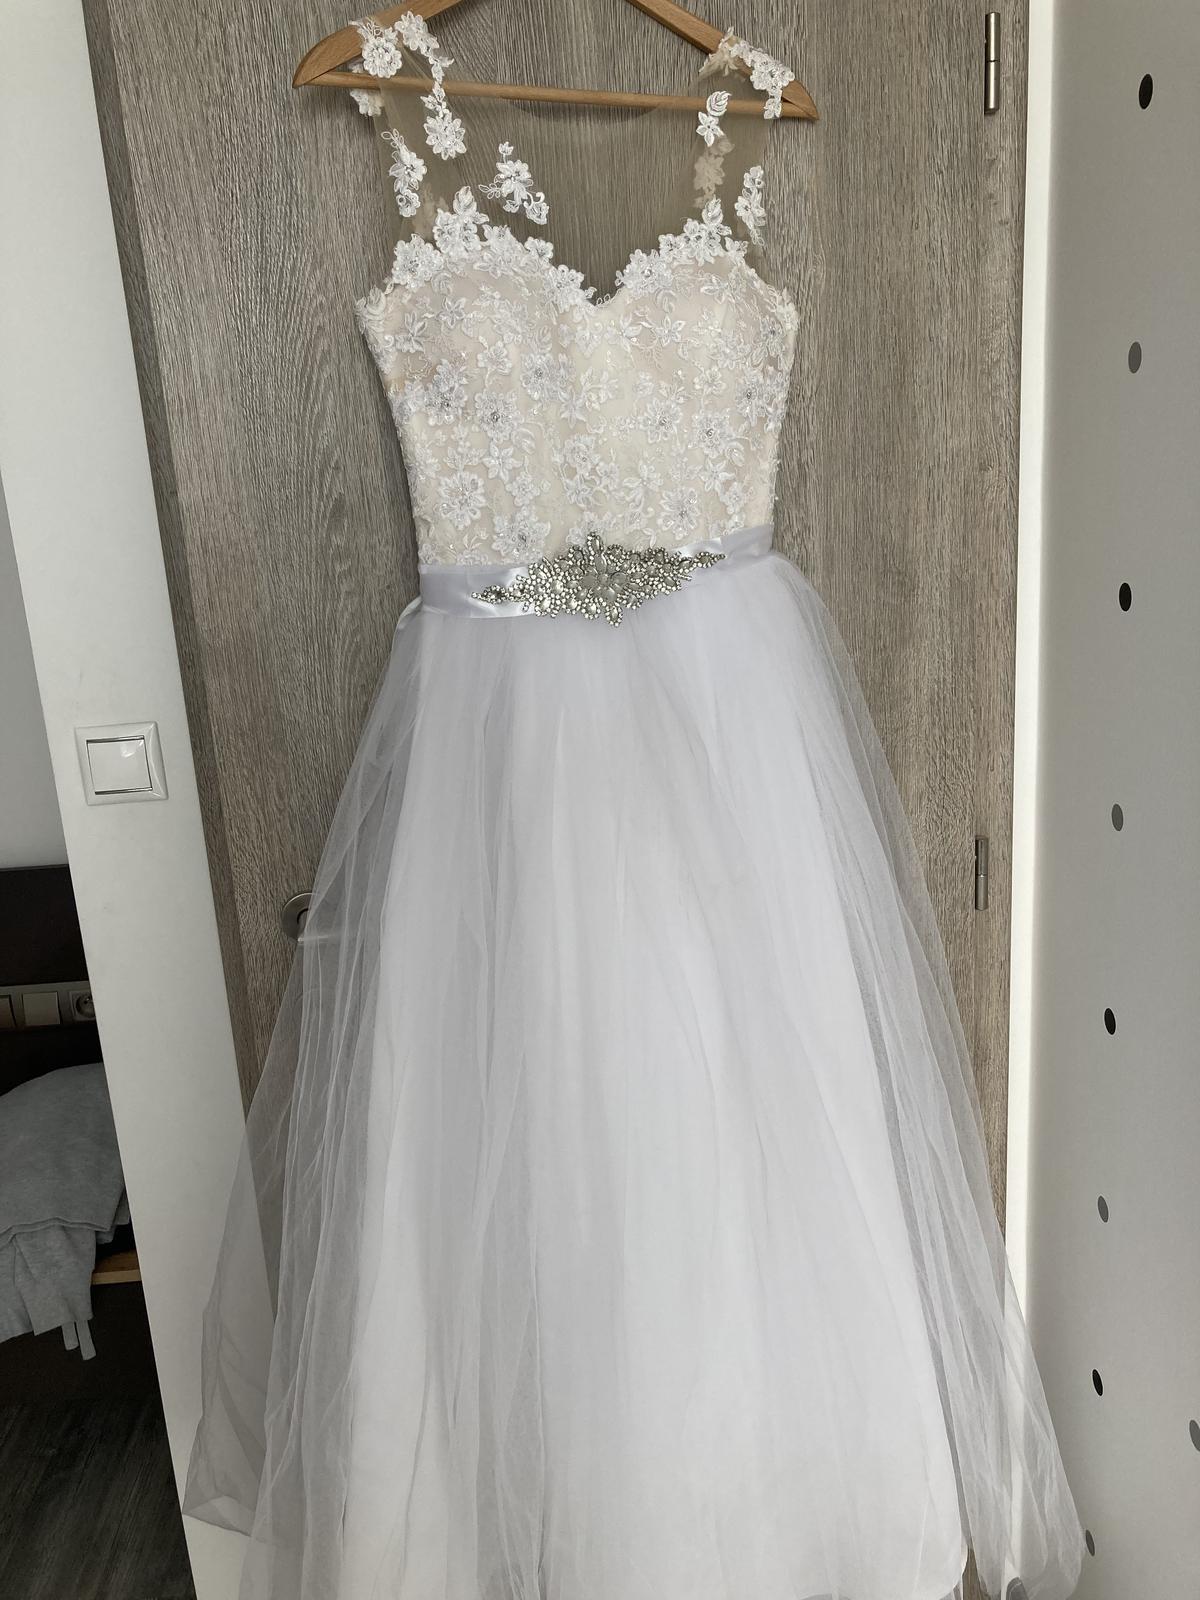 svadobné šaty veľkosť 34-36 - Obrázok č. 1